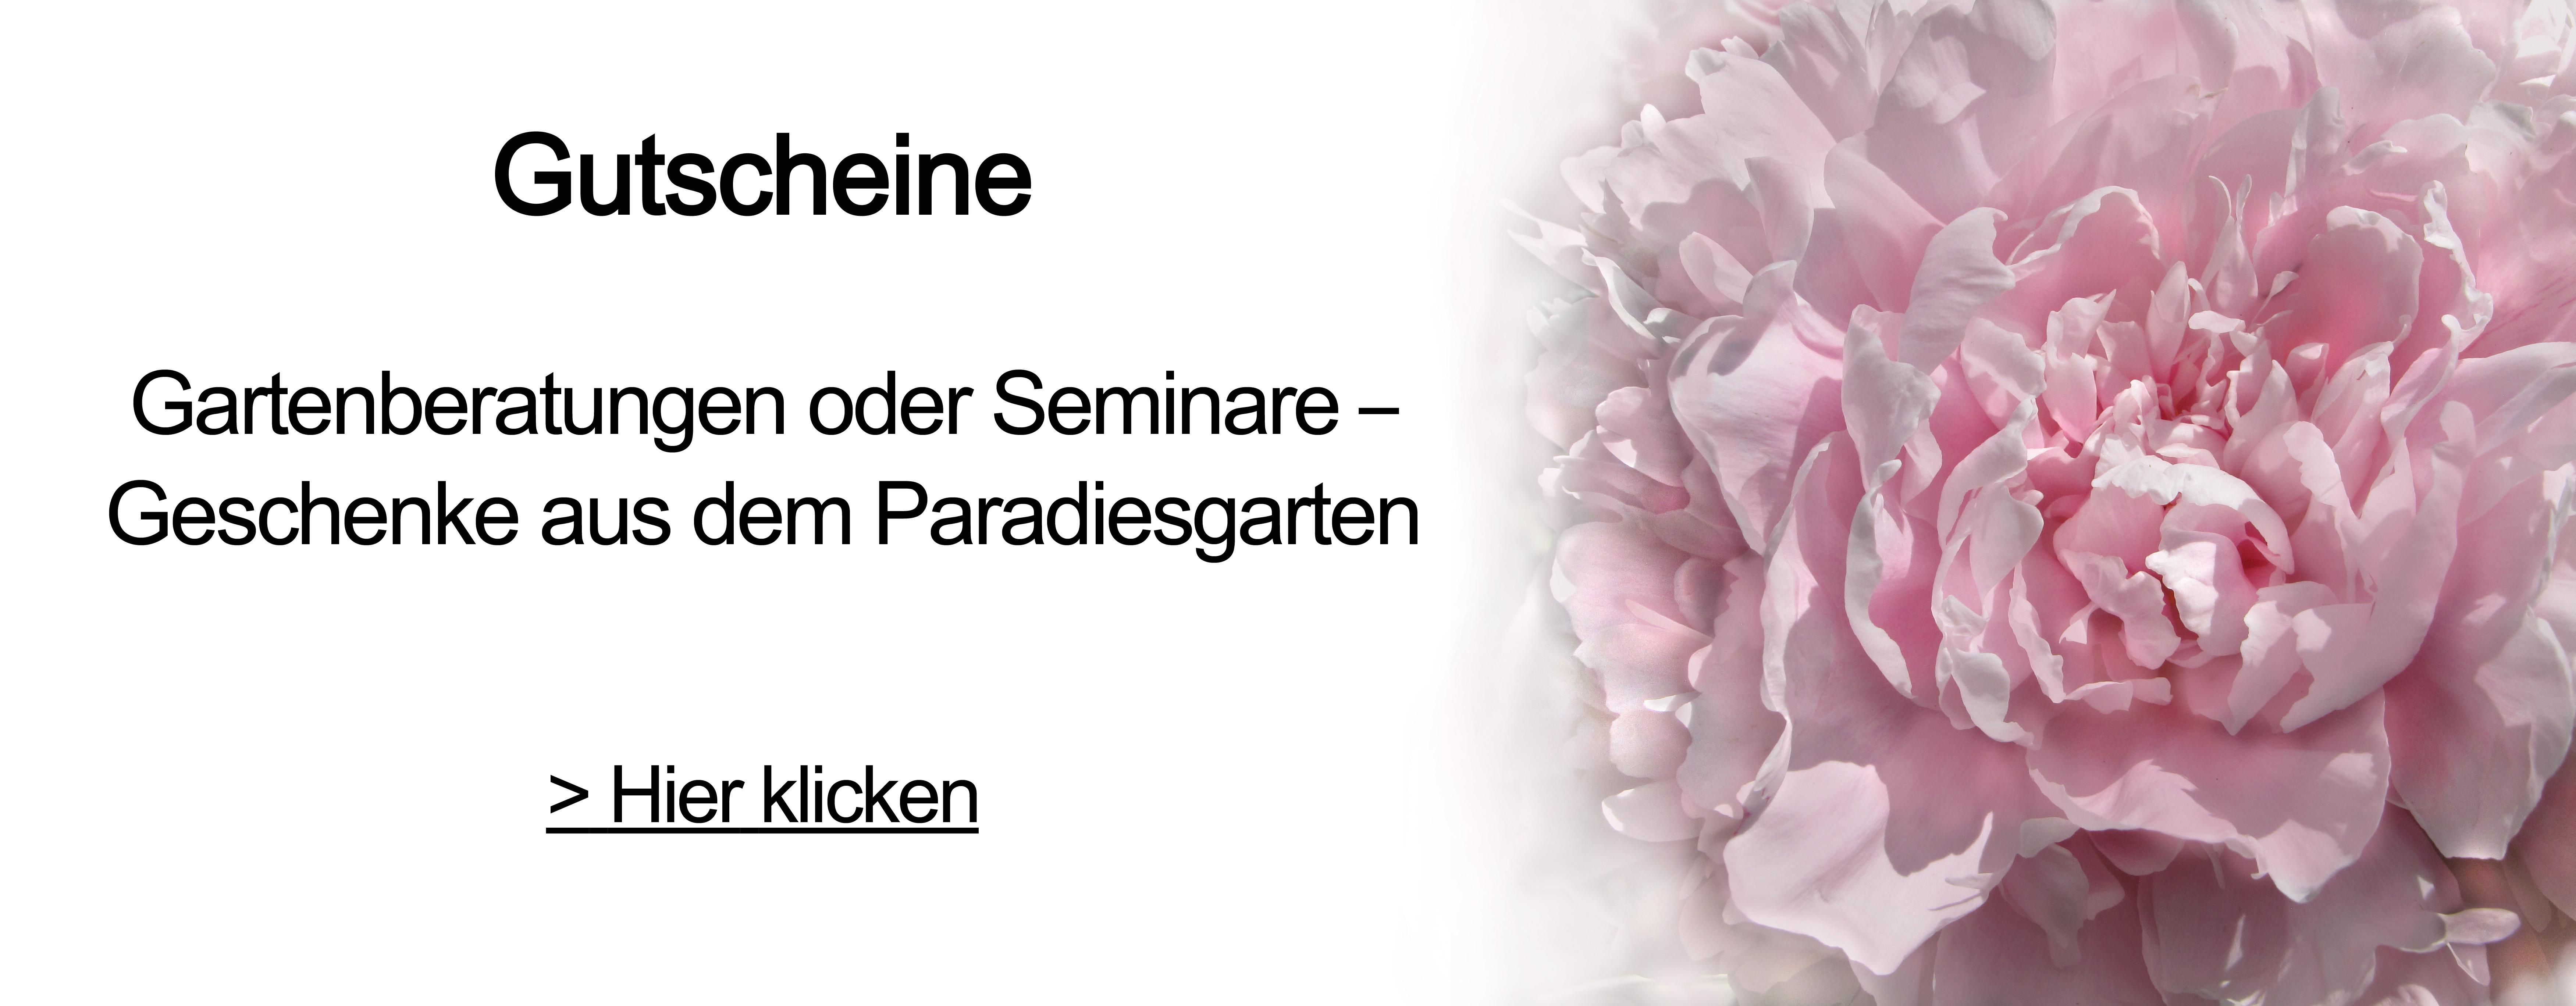 Seminar Gutschein